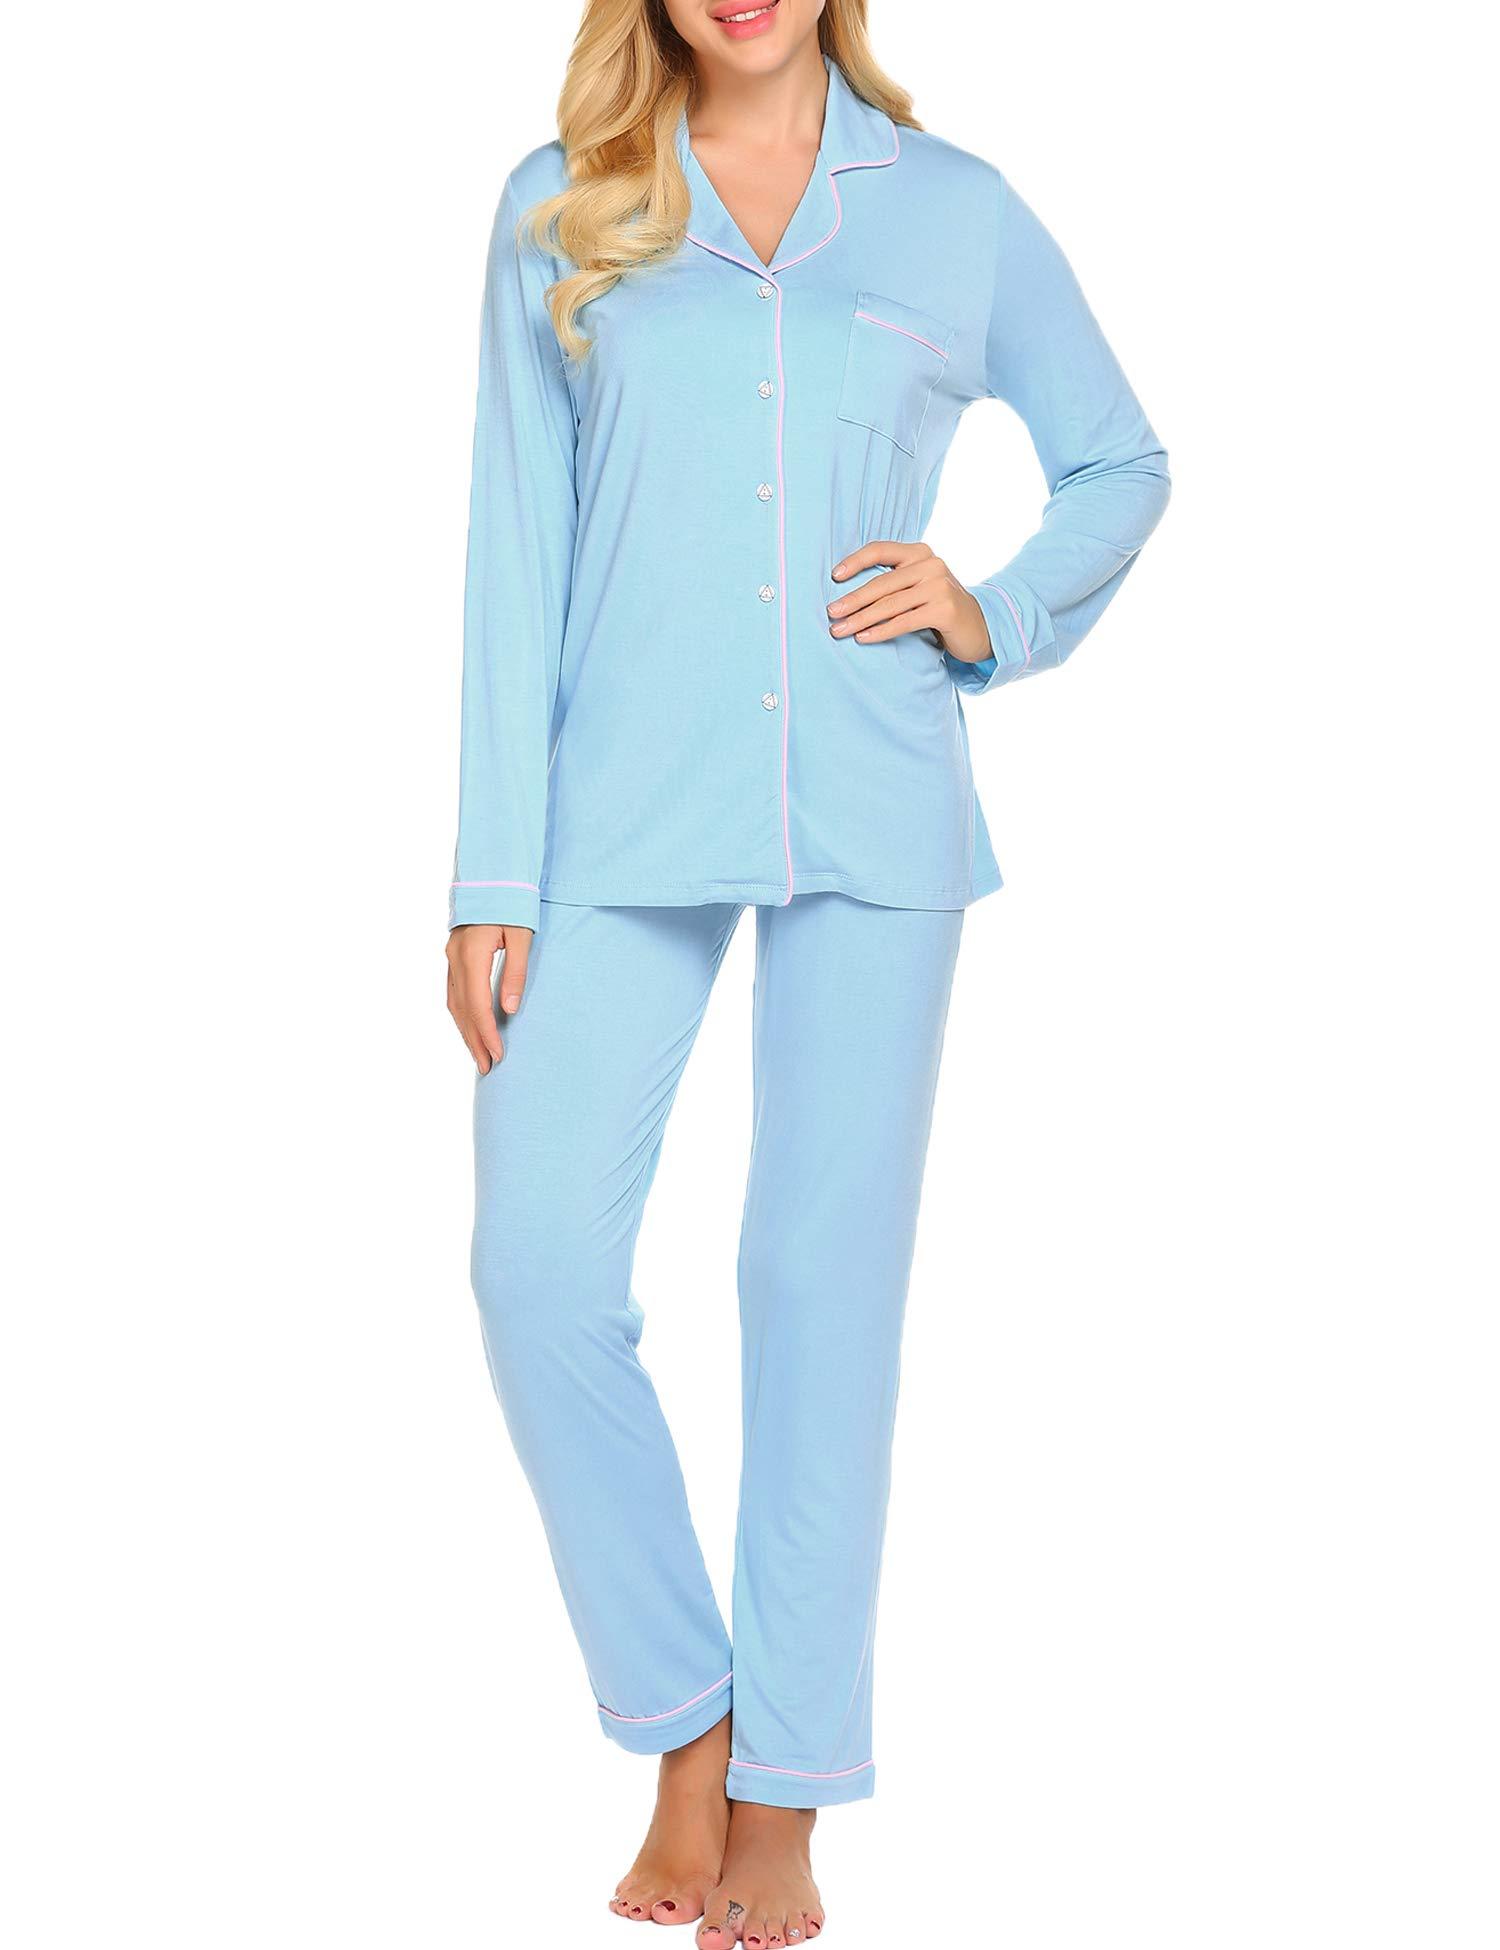 Ekouaer Pajama Set Womens Soft Sleepwear Long Sleeve Pjs Top Long Lounge Pants,Clear Blue,Small